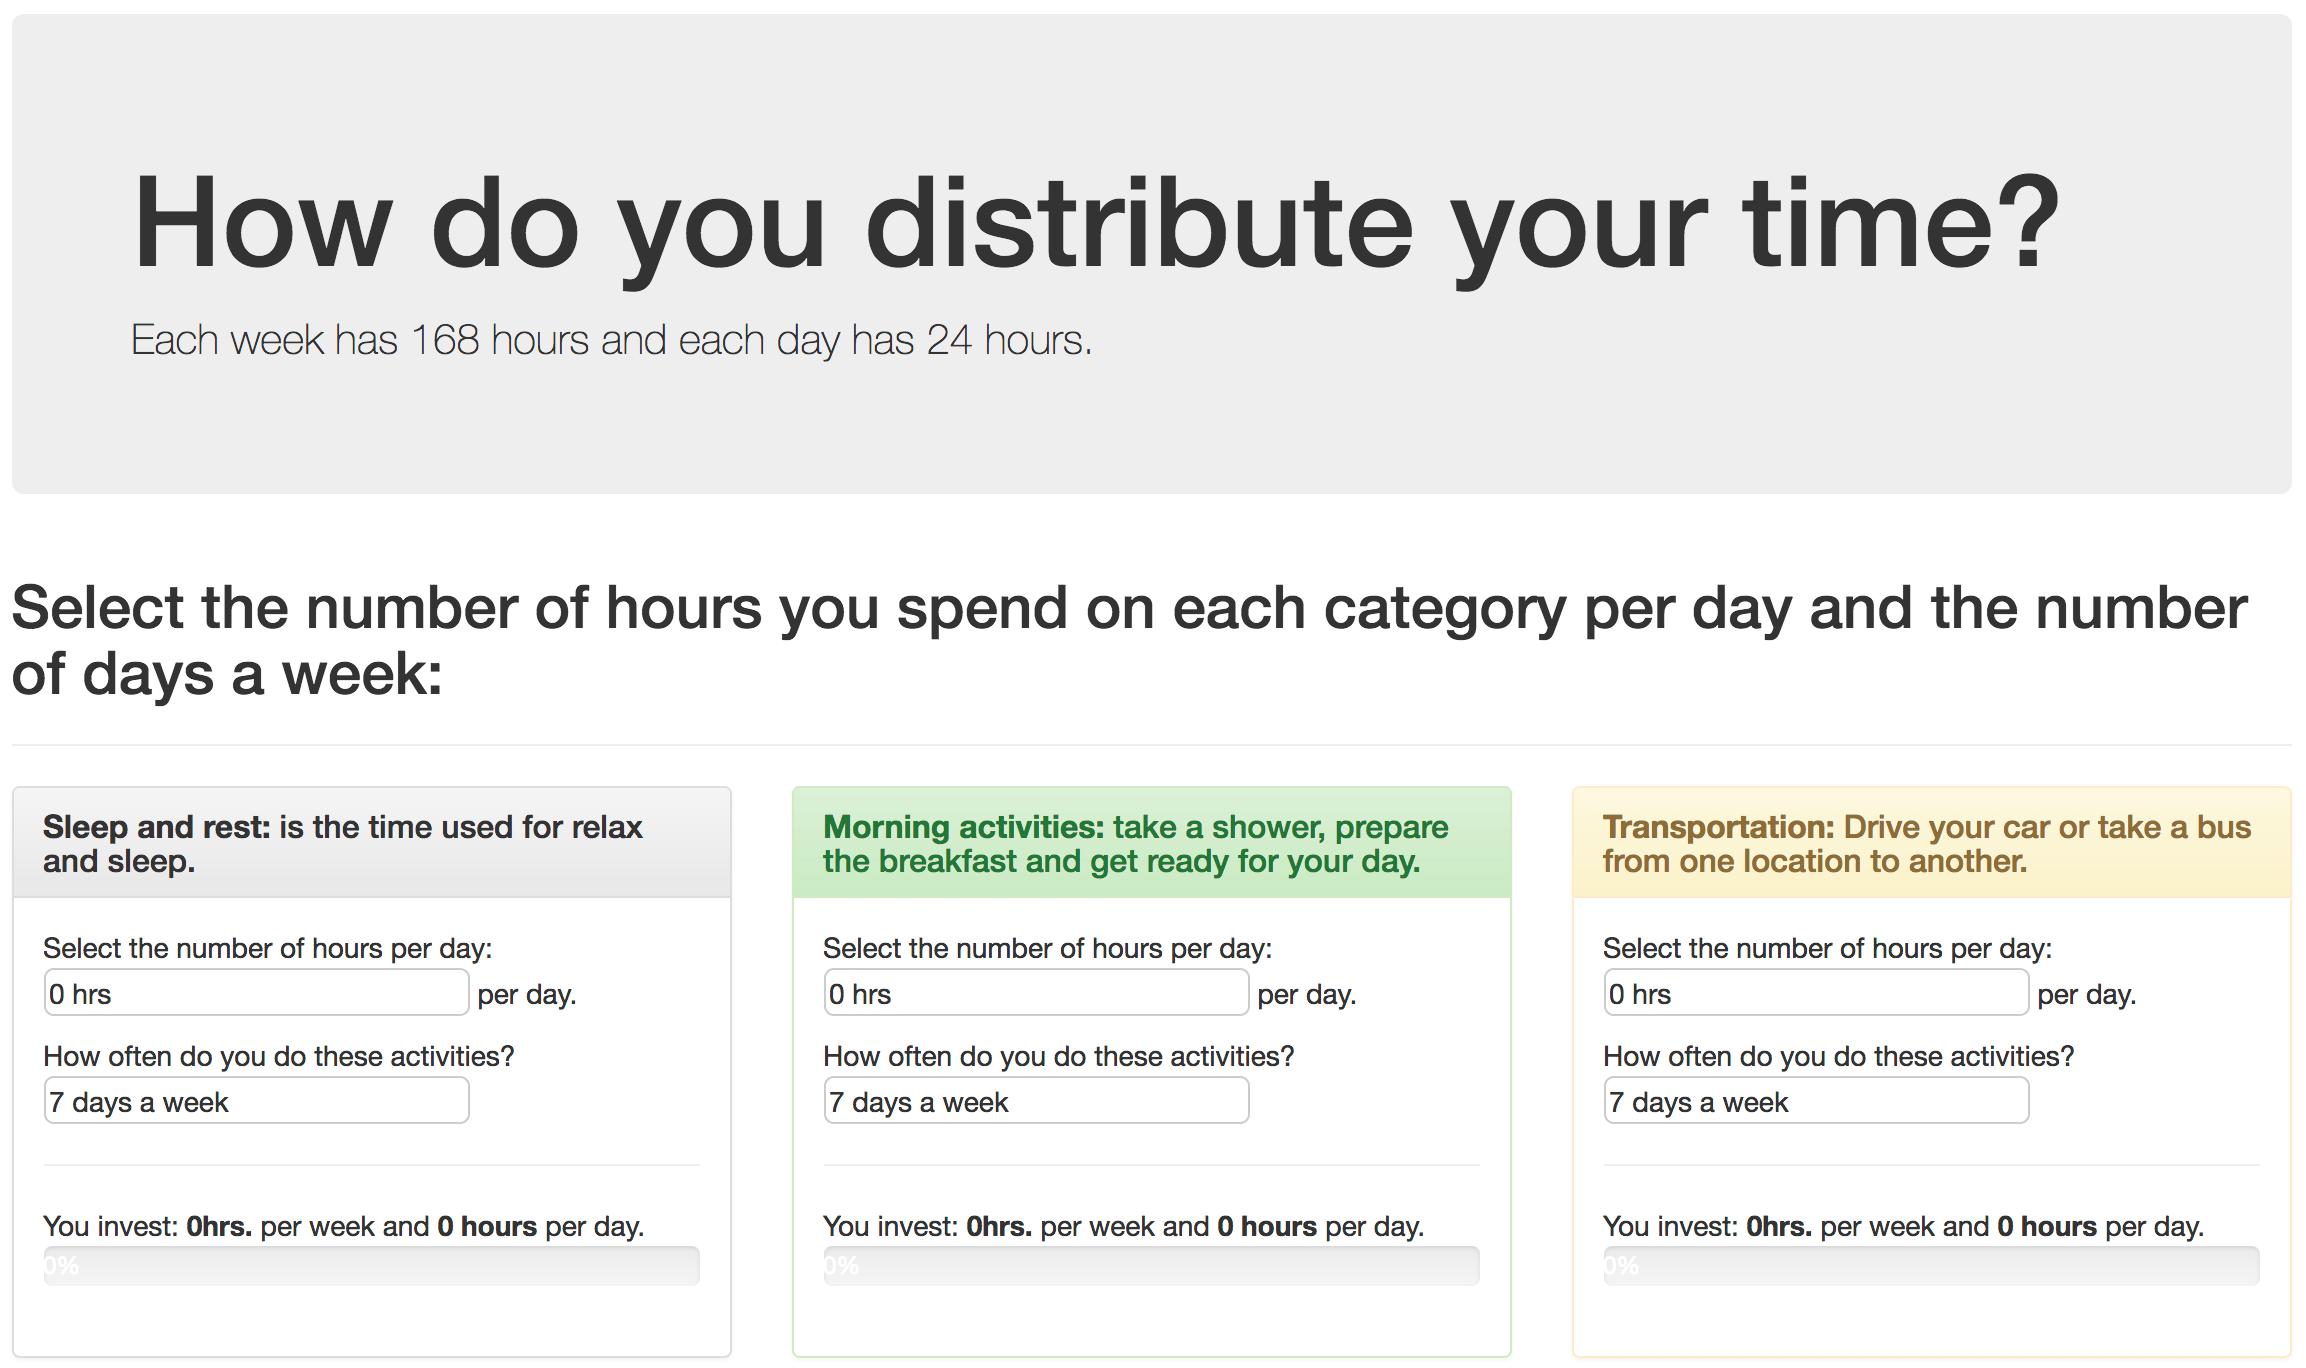 ¿Cómo distribuir mejor nuestro tiempo?